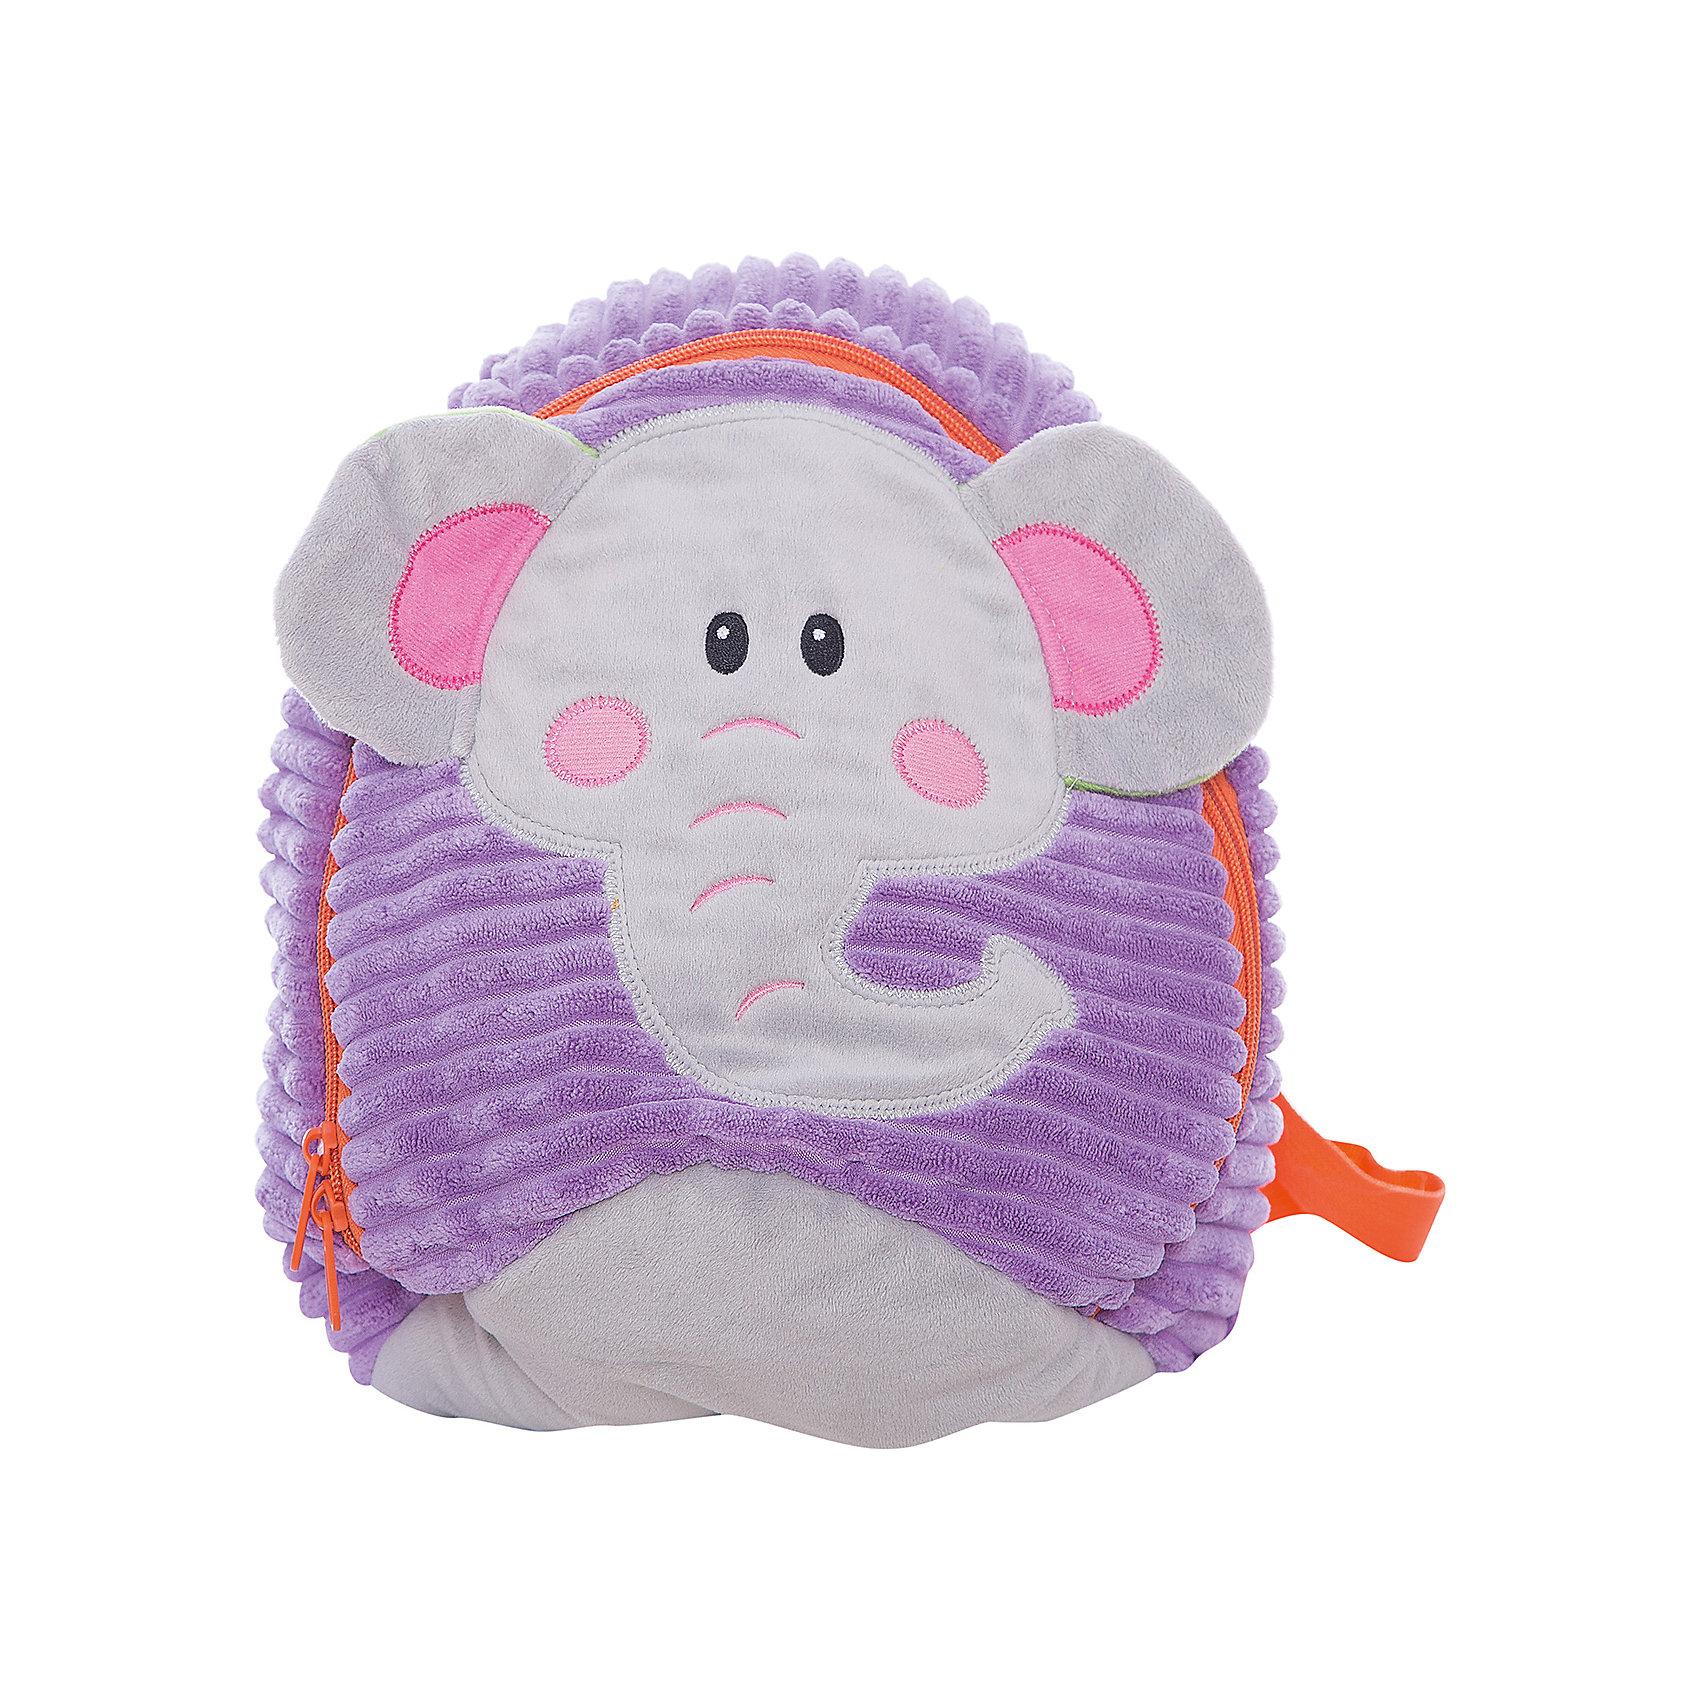 Рюкзачок Слоник, сиренево-серый,  20*28 см.Детские рюкзаки<br>Яркий и мягкий рюкзачок Слоник - специально для малышей! Он легкий и имеет небольшой размер - 20х28 см. Основное отделение закрывается на молнию. Лямки регулируемые.<br><br>Ширина мм: 200<br>Глубина мм: 280<br>Высота мм: 800<br>Вес г: 167<br>Возраст от месяцев: 36<br>Возраст до месяцев: 2147483647<br>Пол: Унисекс<br>Возраст: Детский<br>SKU: 5508545